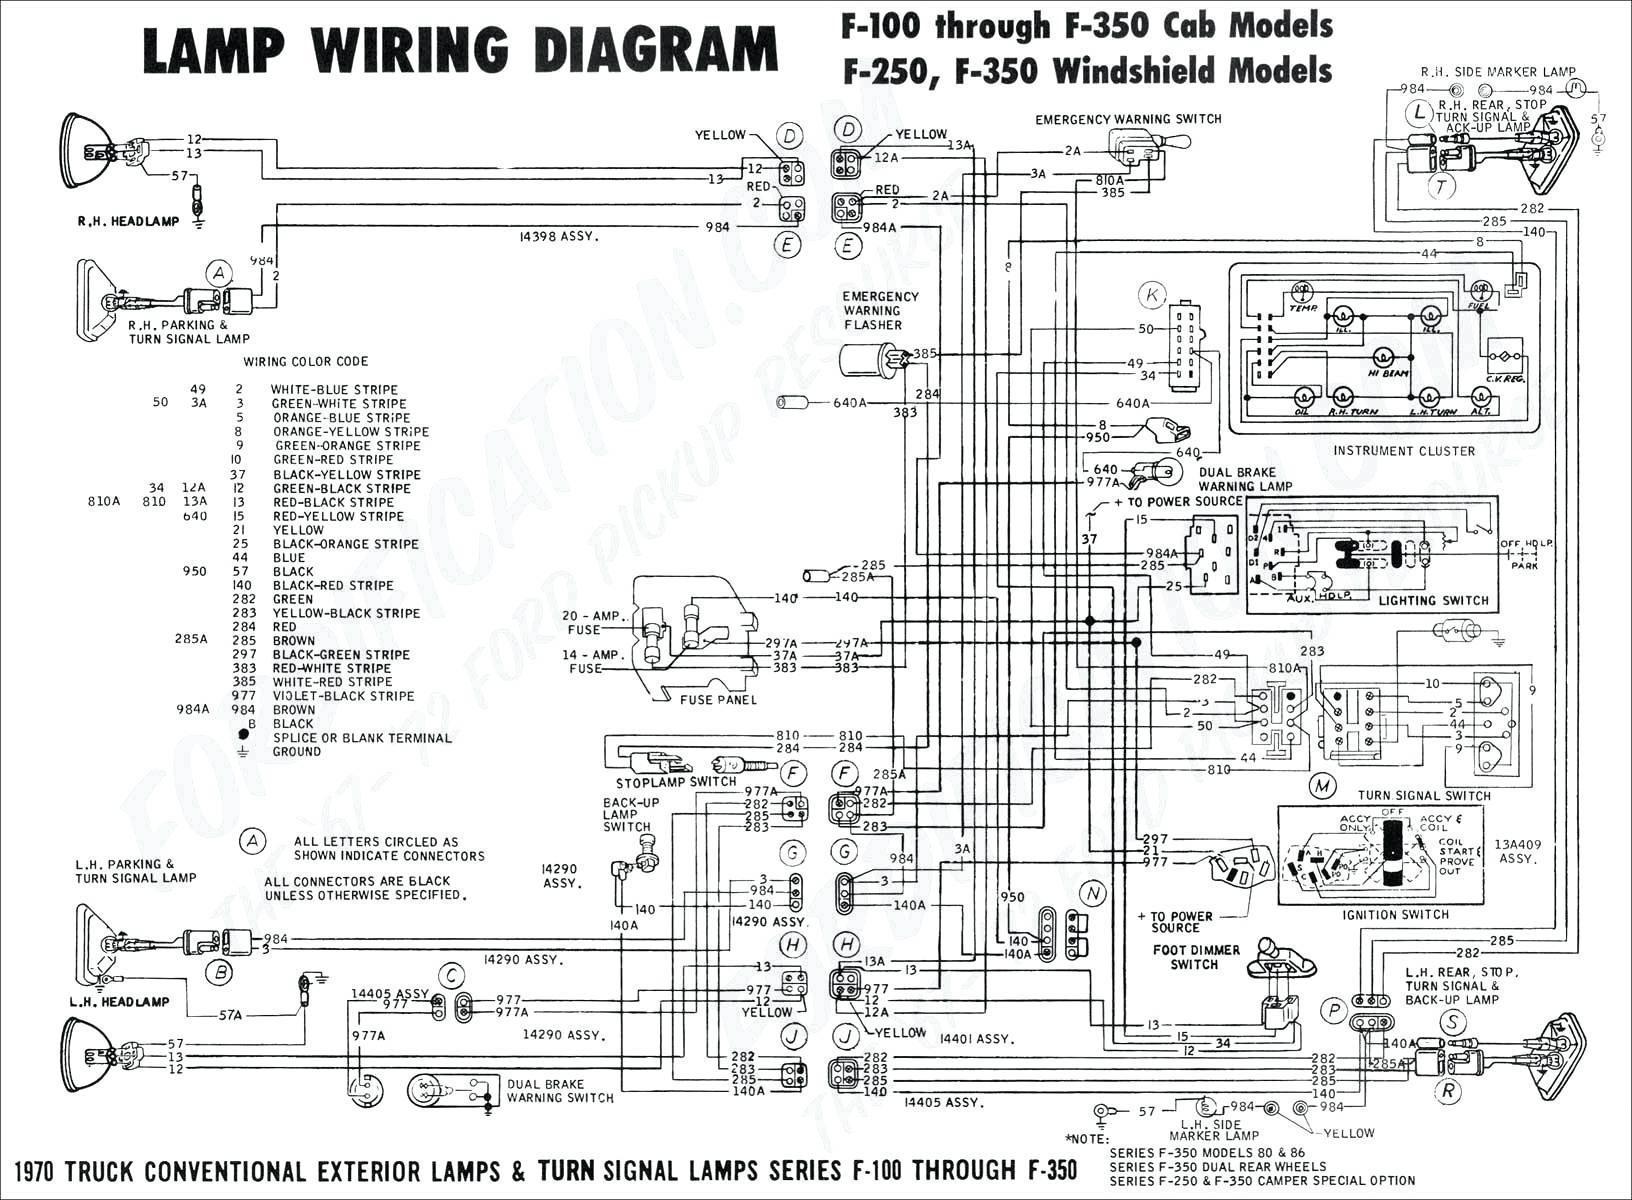 Suzuki Samurai Wiring Schematic Bo 2633] 1986 Chevy Truck Wiring Diagram Furthermore Dodge Of Suzuki Samurai Wiring Schematic